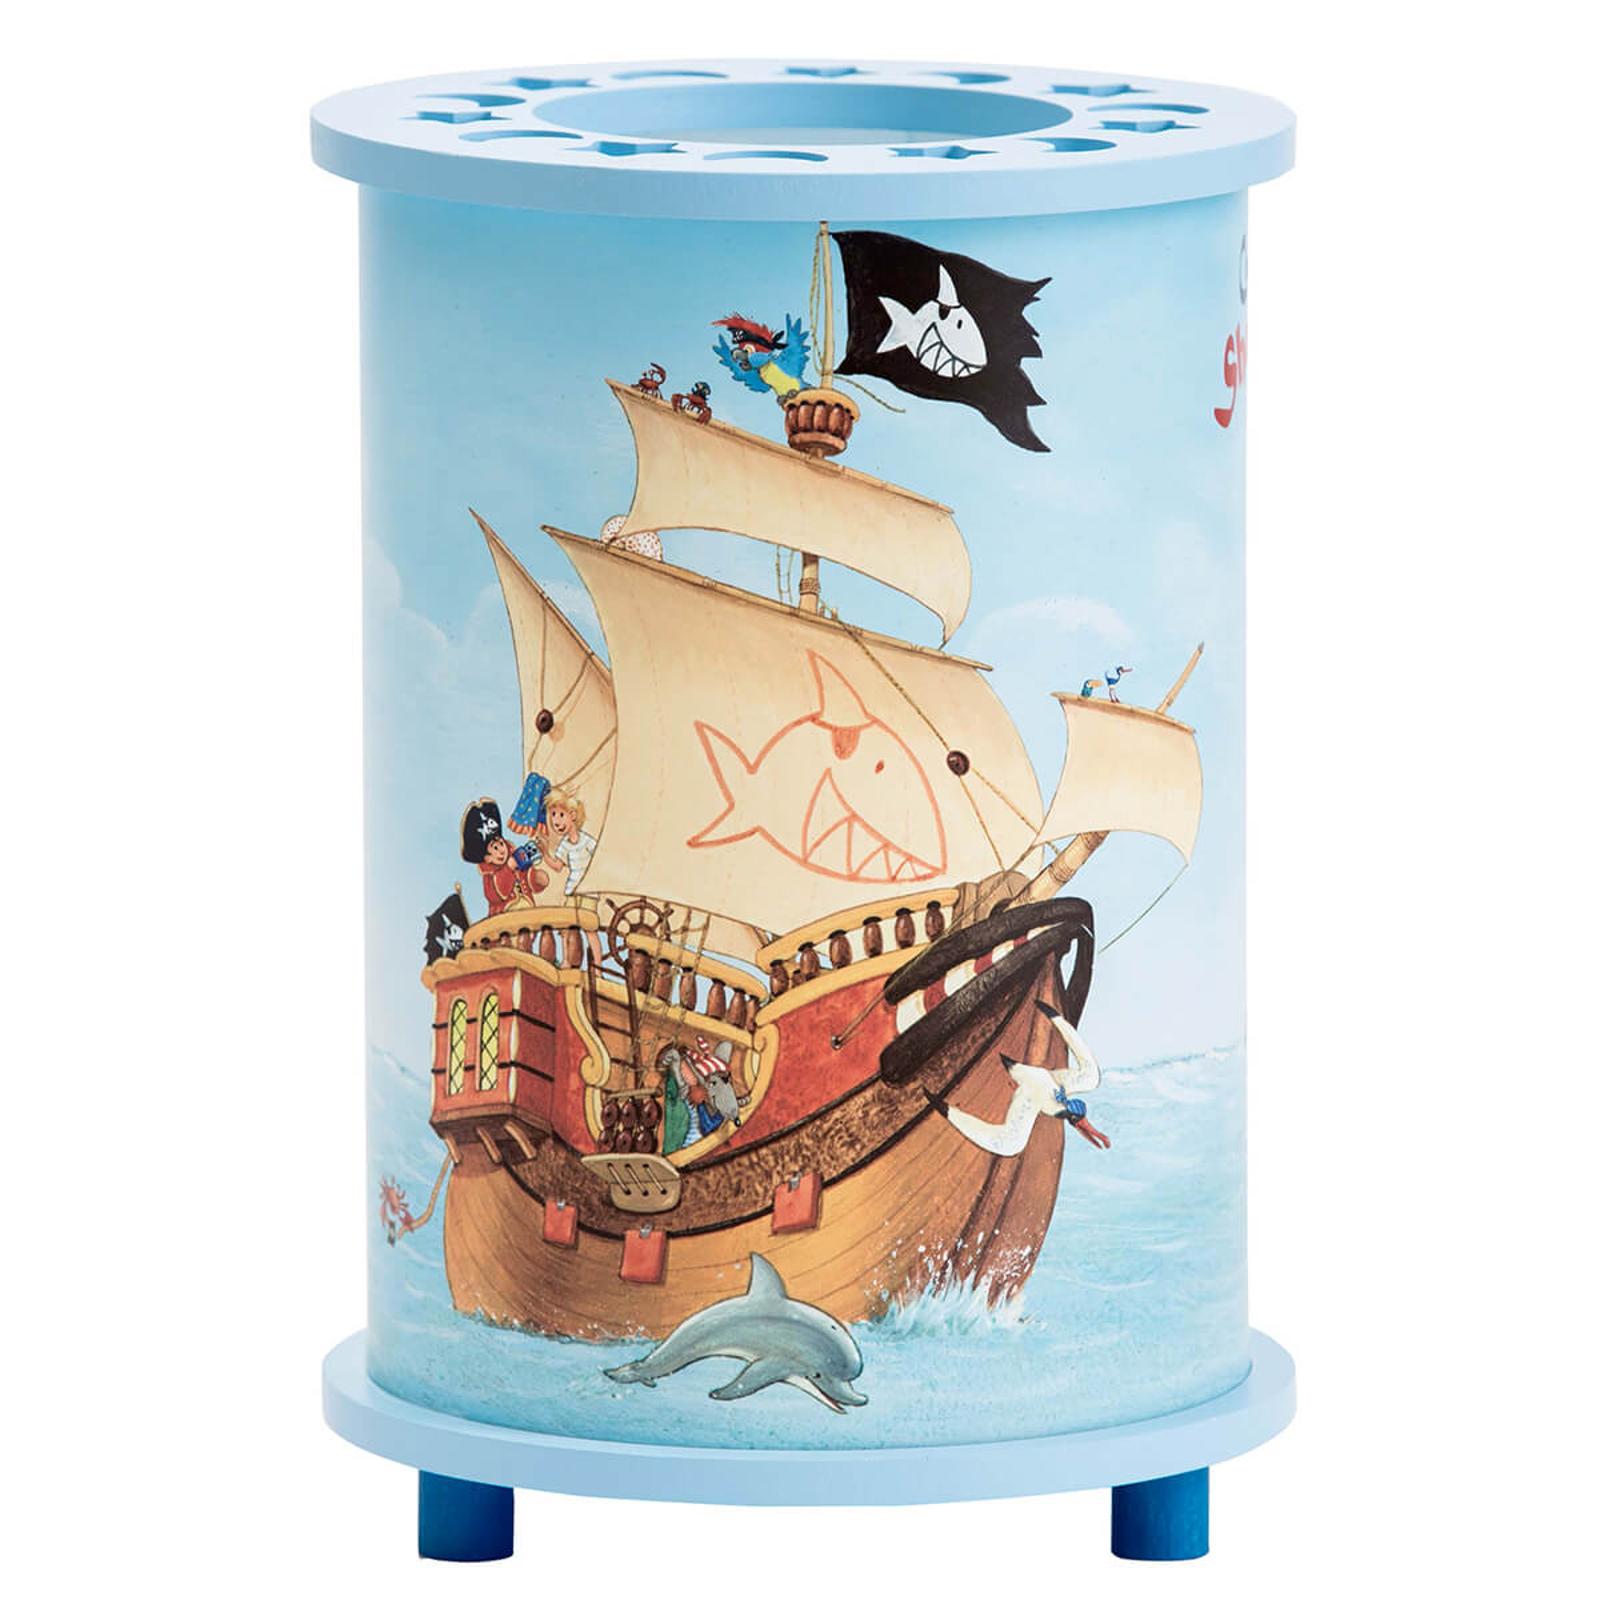 Lampe à poser pour enfants à motif Capt'n-Sharky